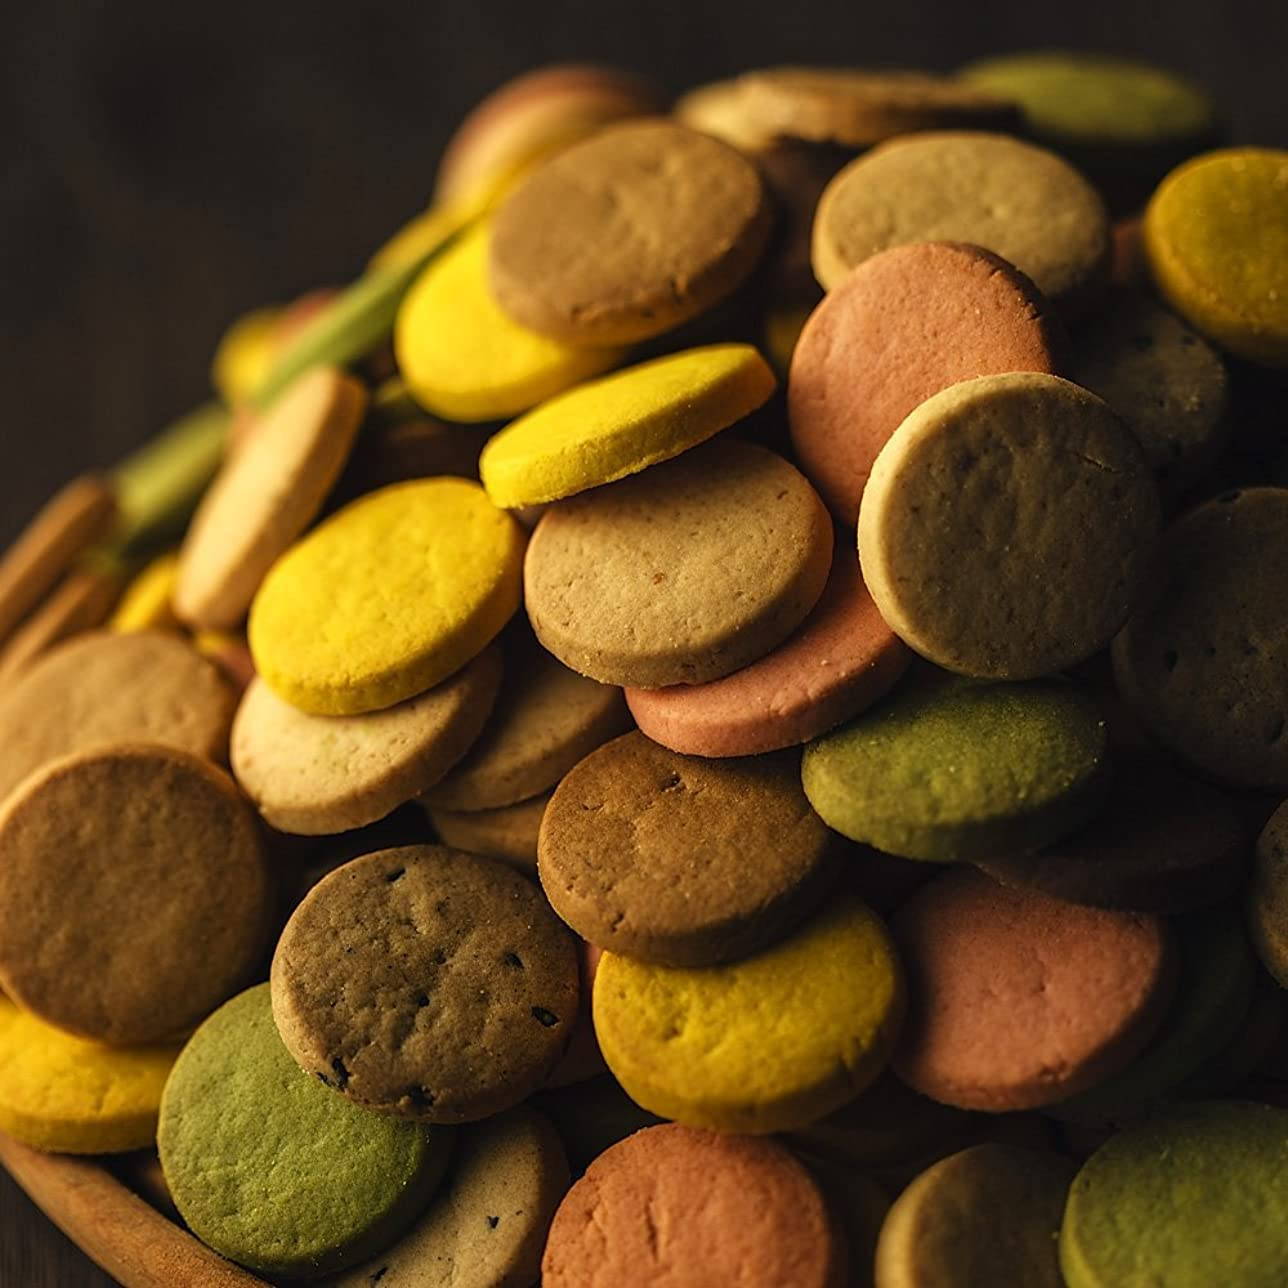 みがきますファーザーファージュ保護する豆乳おからクッキー蒟蒻マンナン入り 3kg